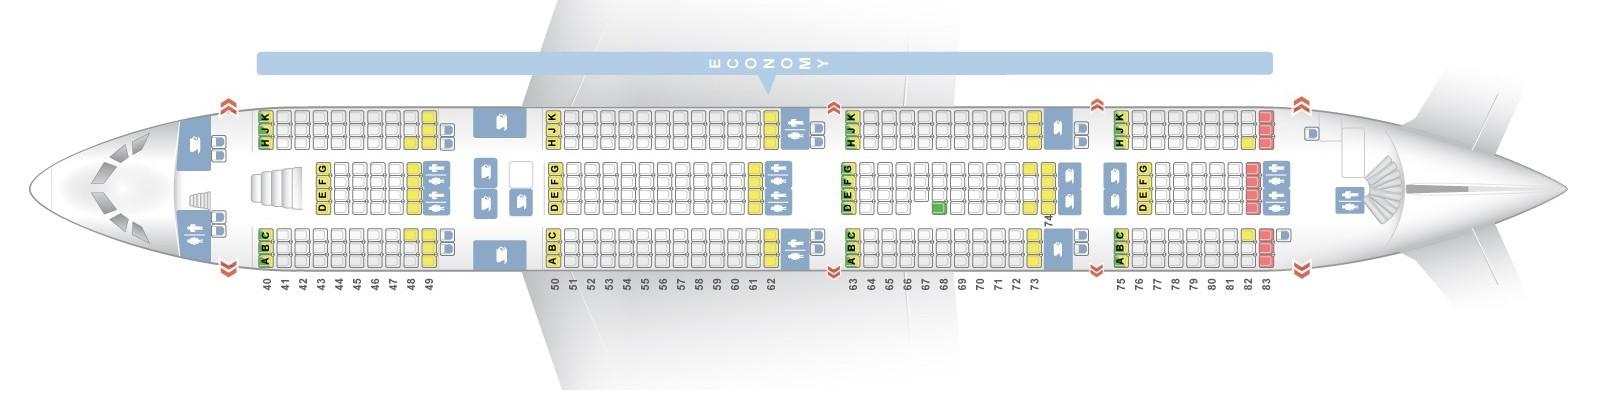 qatar_airways_airbus_a380_l